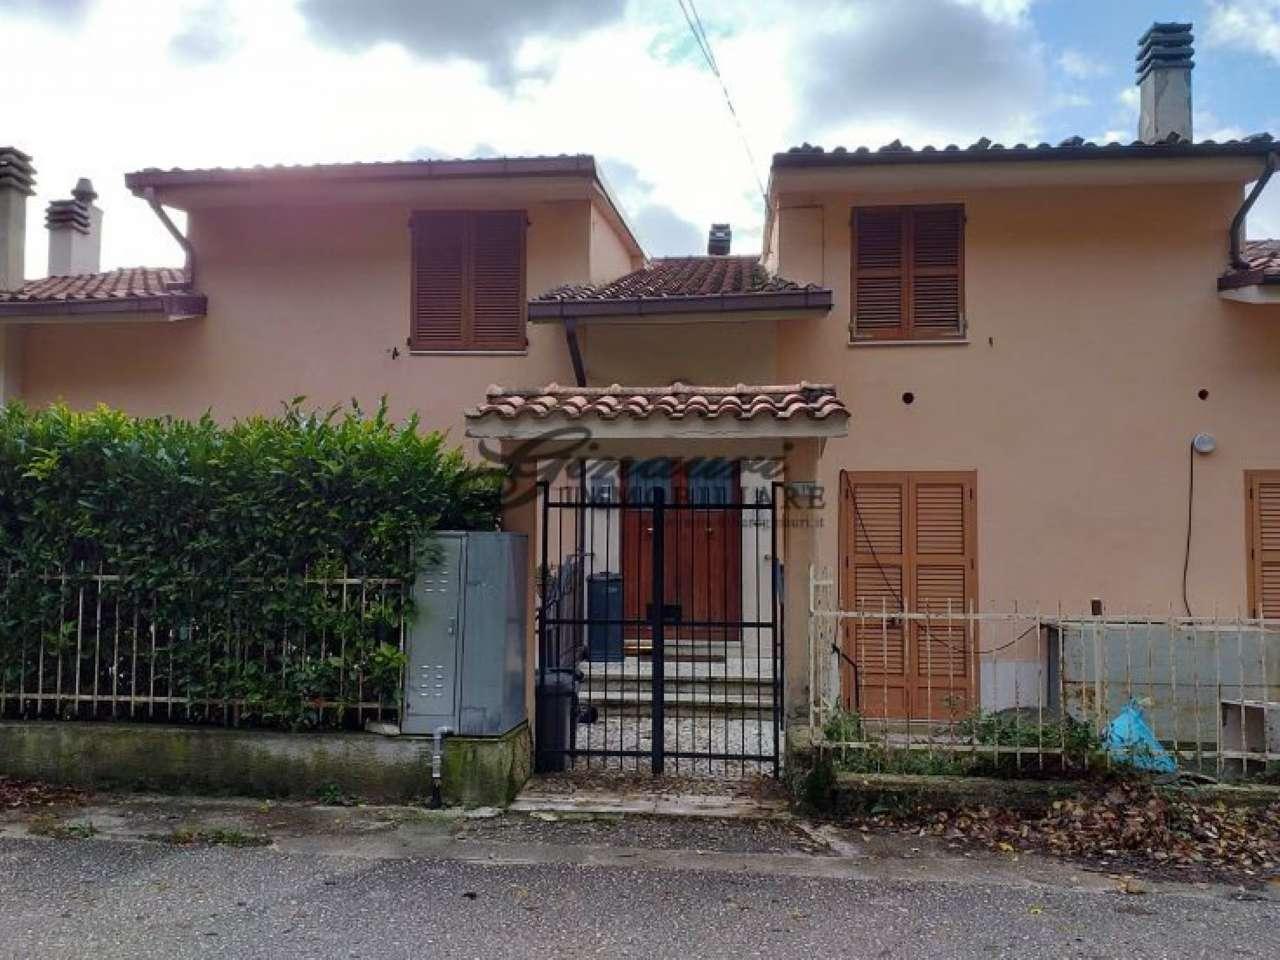 Appartamento in vendita a Sassoferrato, 4 locali, prezzo € 50.000 | PortaleAgenzieImmobiliari.it